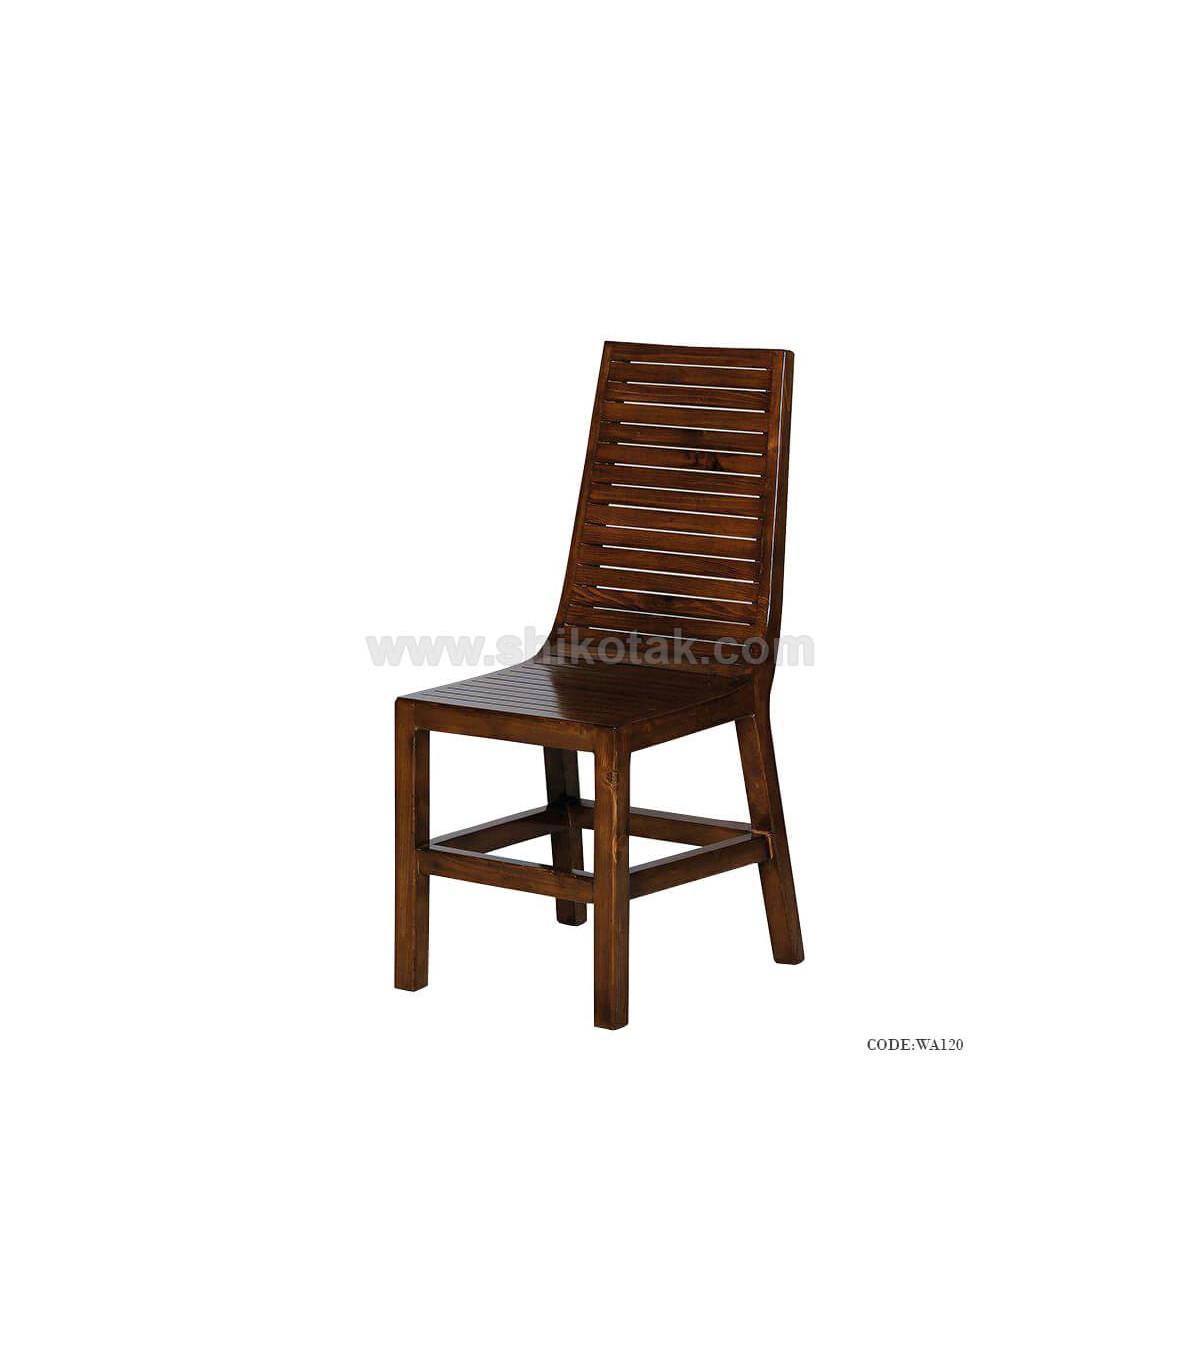 فروش ست میز کرکره ای و صندلی